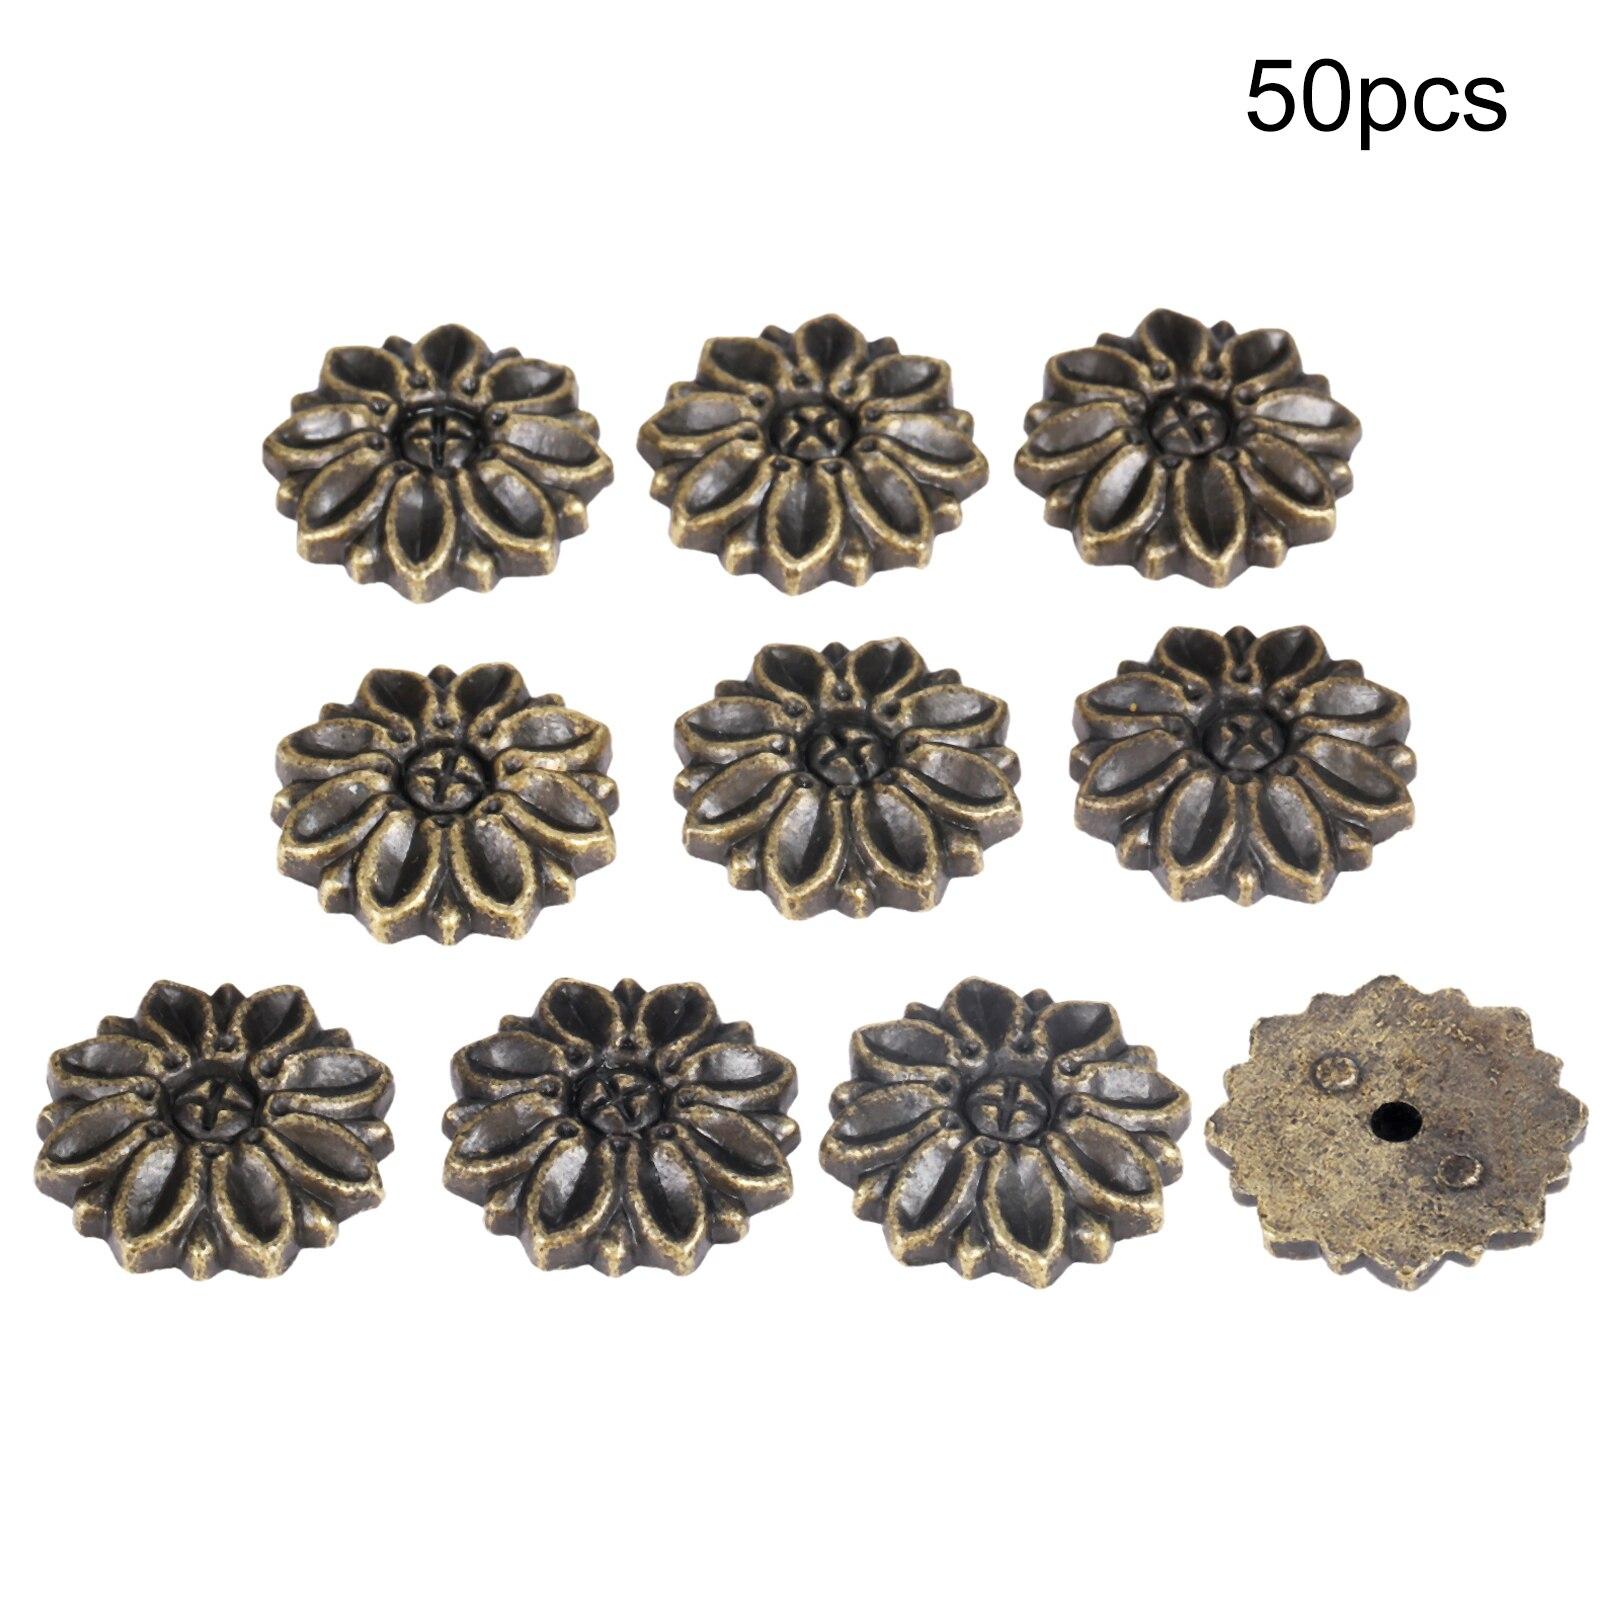 50 шт цинковый сплав цветок Декоративные протекторы угловой кронштейн украшение для скрапбукинга лампы мебельные гвозди Tacks планшеты 23*5 мм